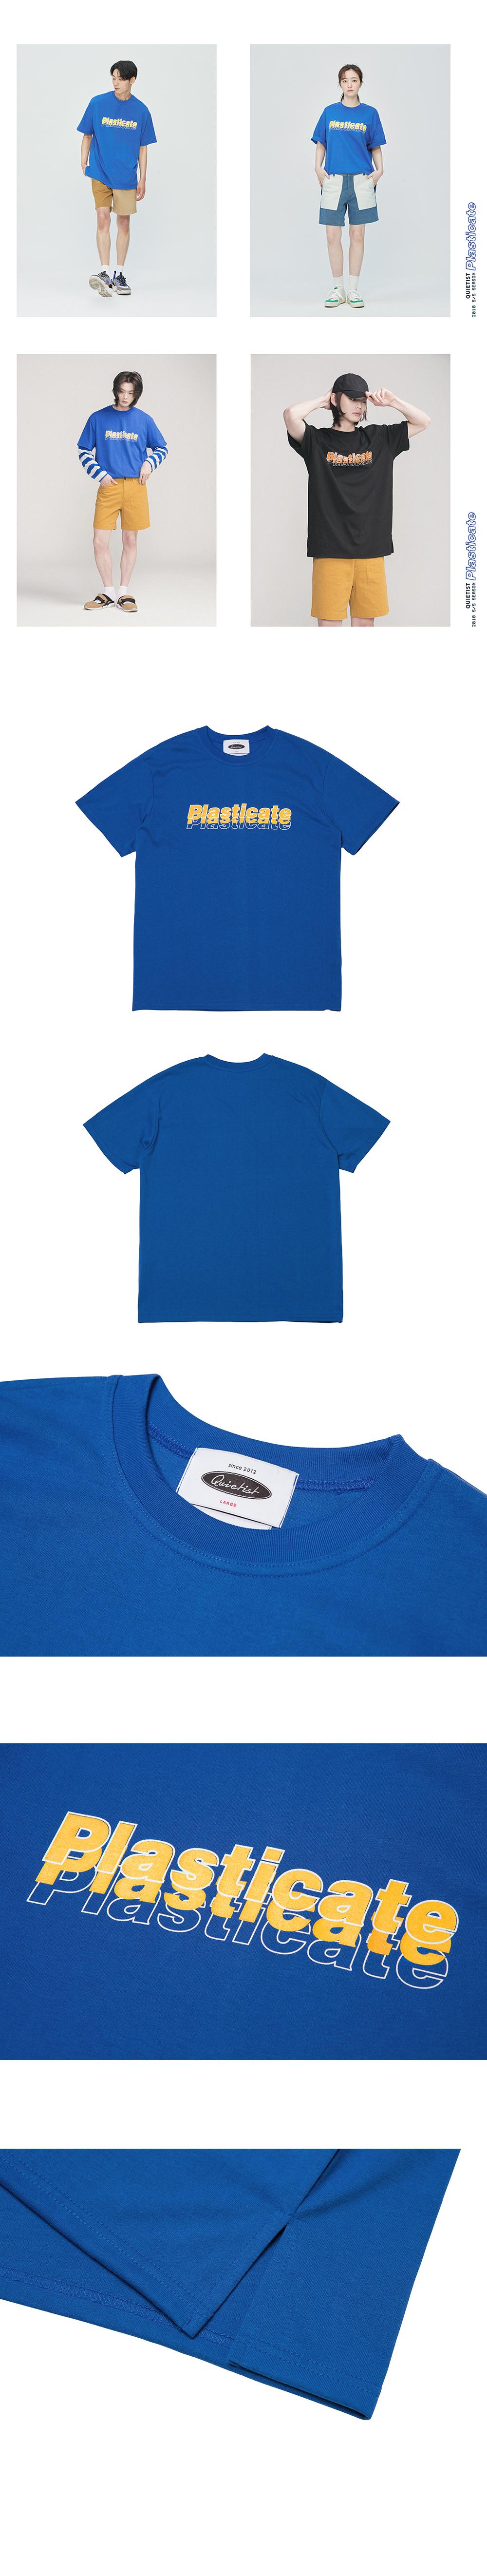 09_solid_plasticate_logo_tee_blu1000.jpg